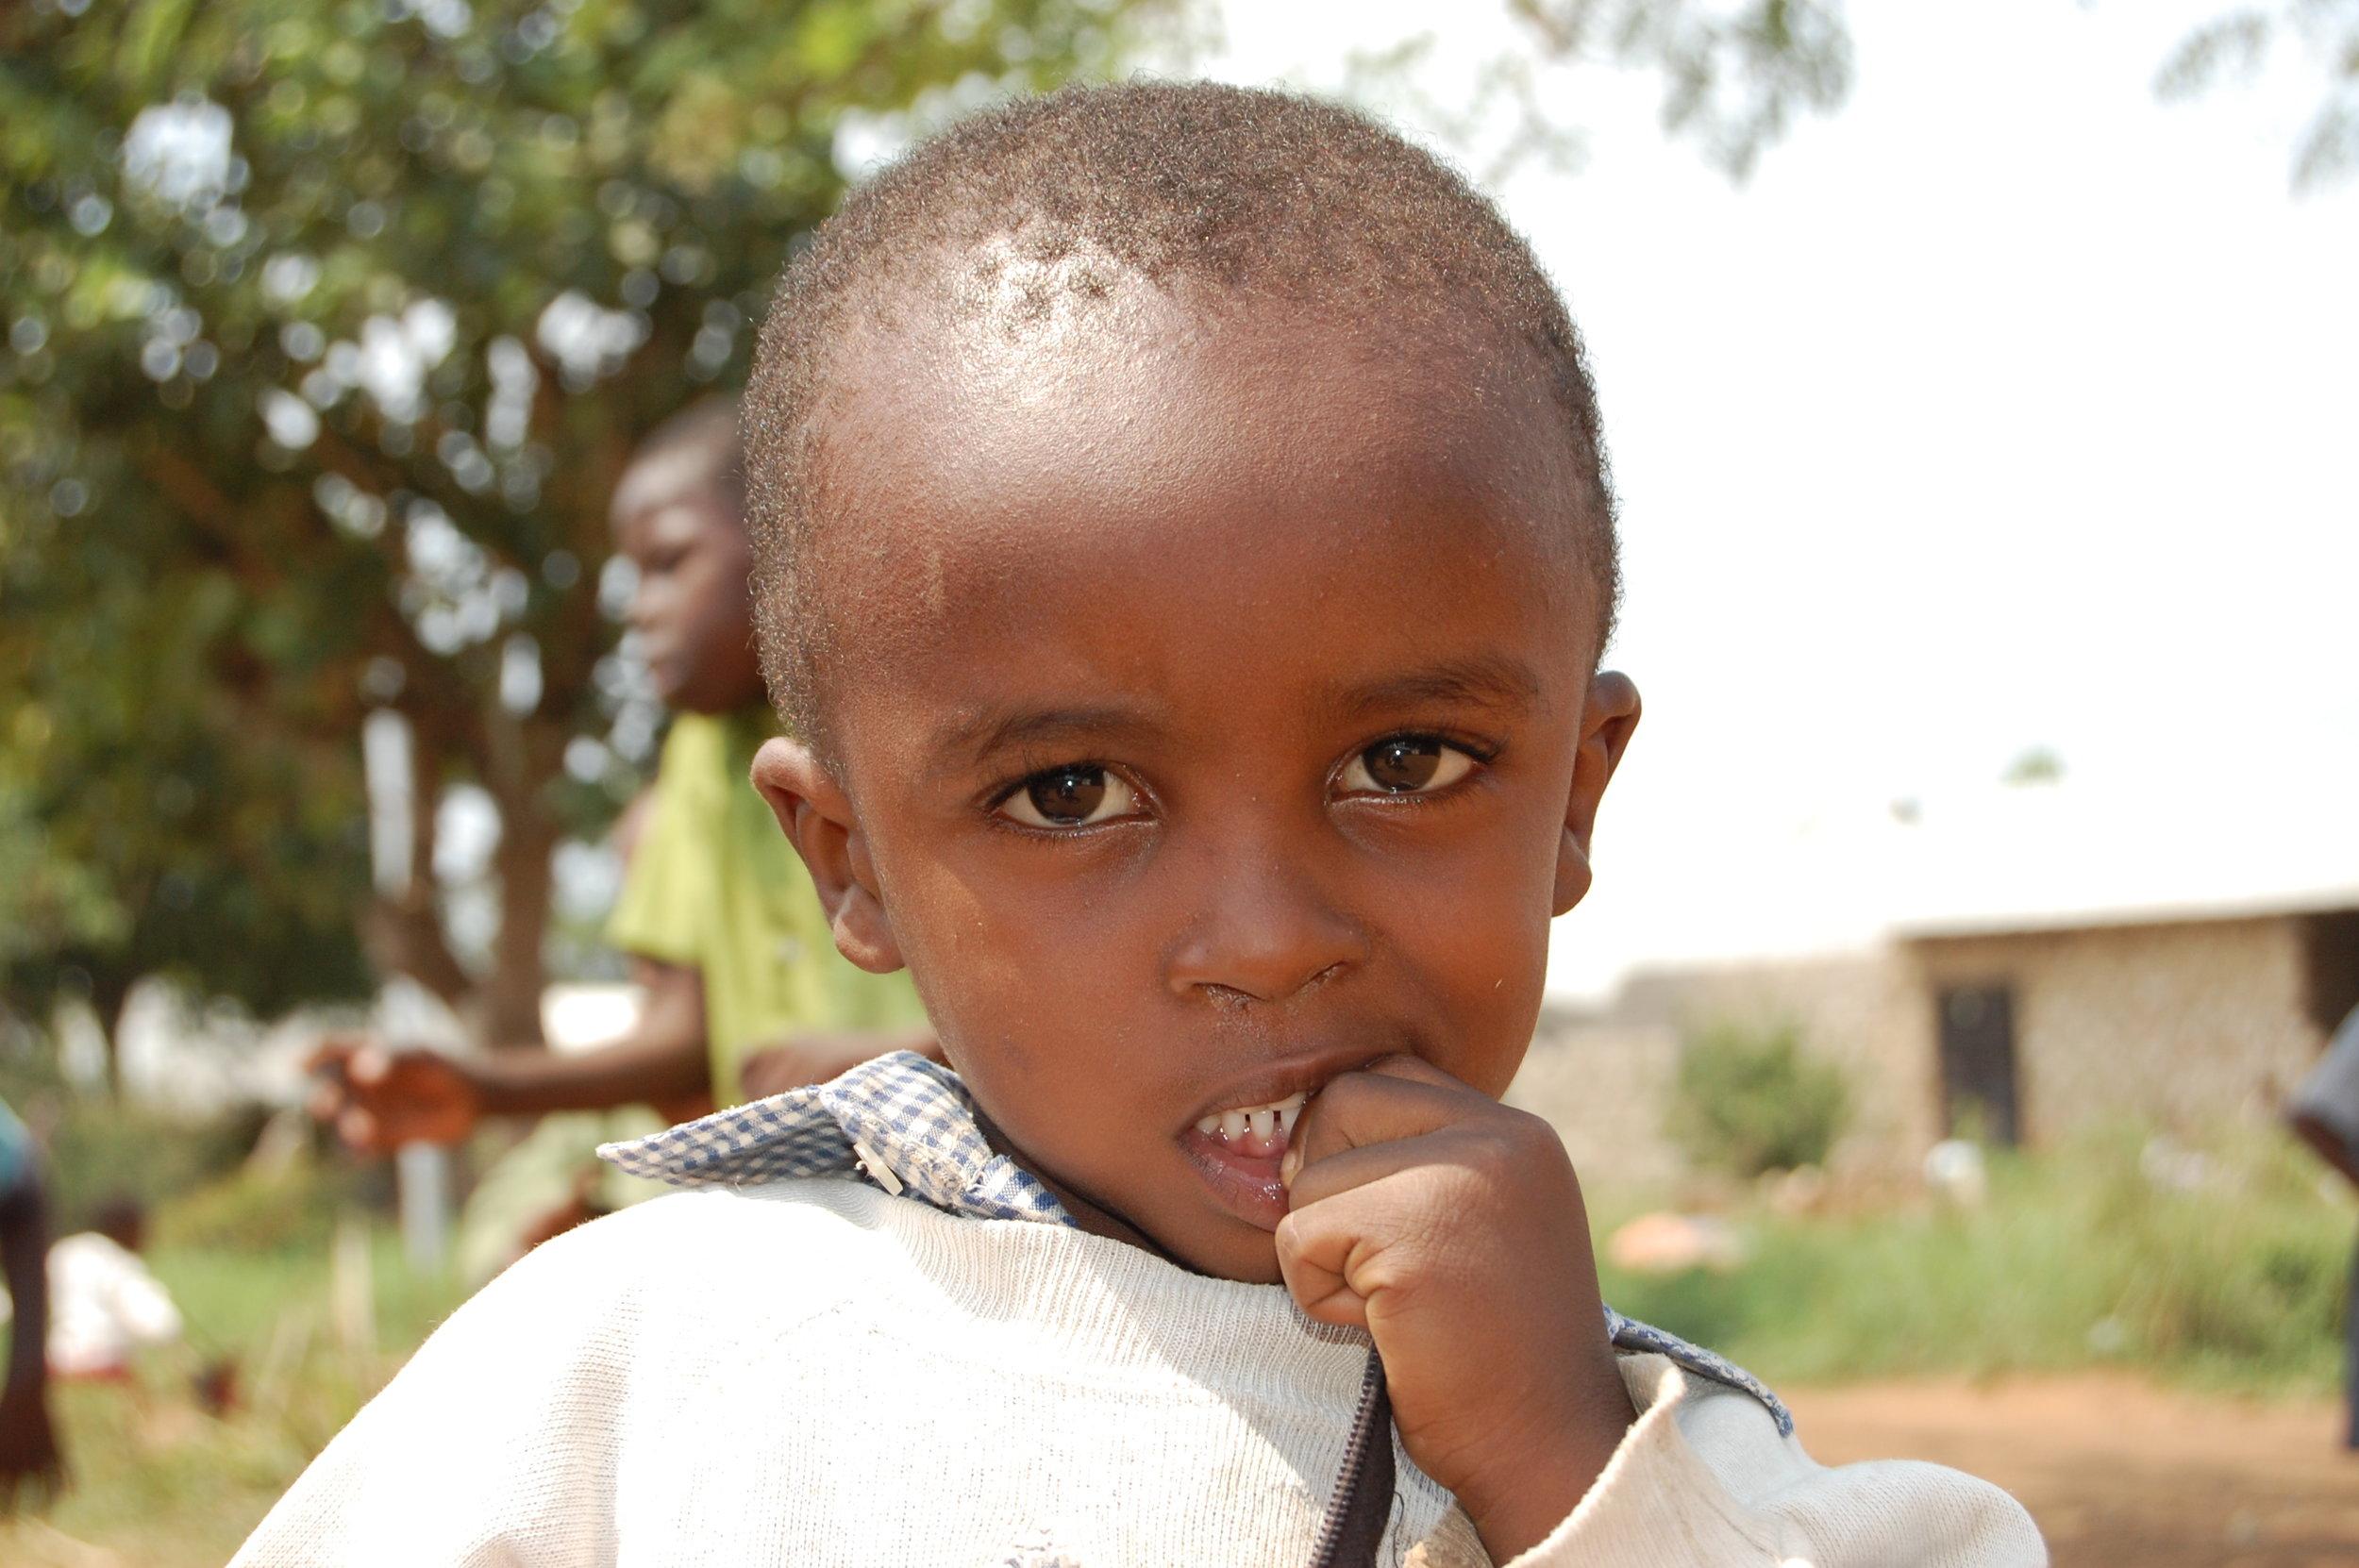 2012-kinderen-stichting-likoni-onderneemt-kenia-mombassa-school-kleinschalig-goed-doel (2).JPG